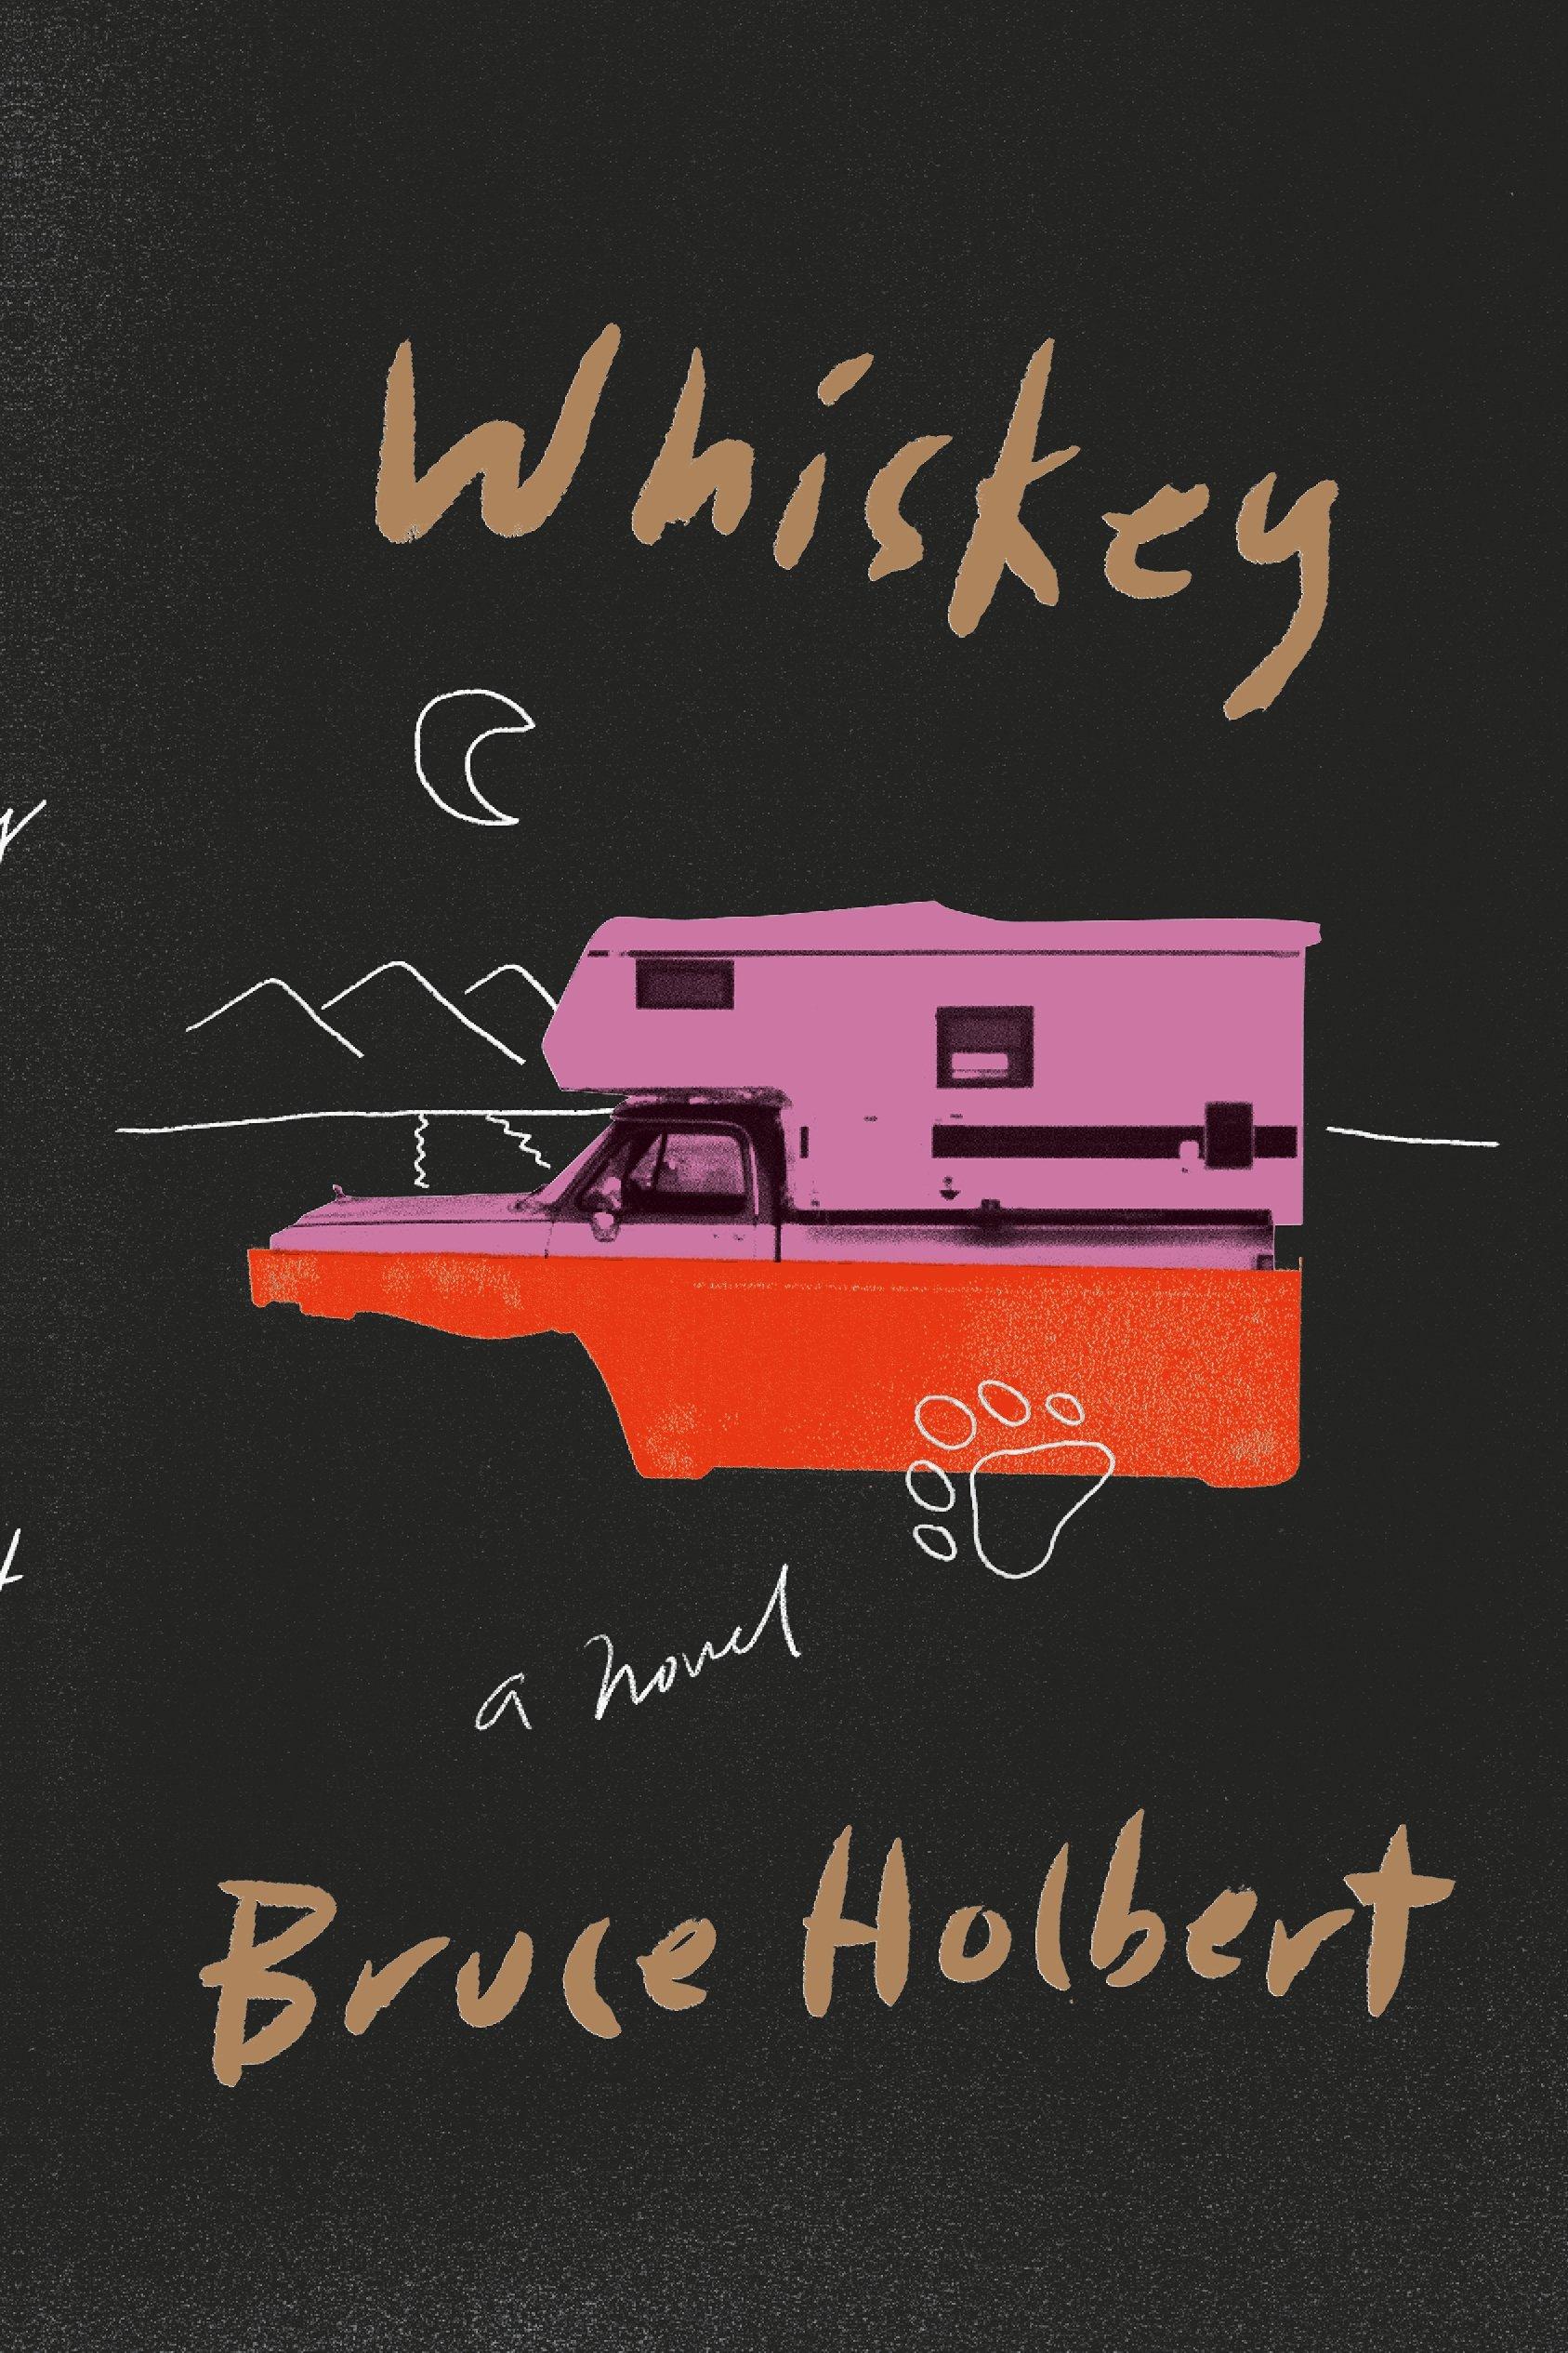 Bruce Holbert - Whiskey